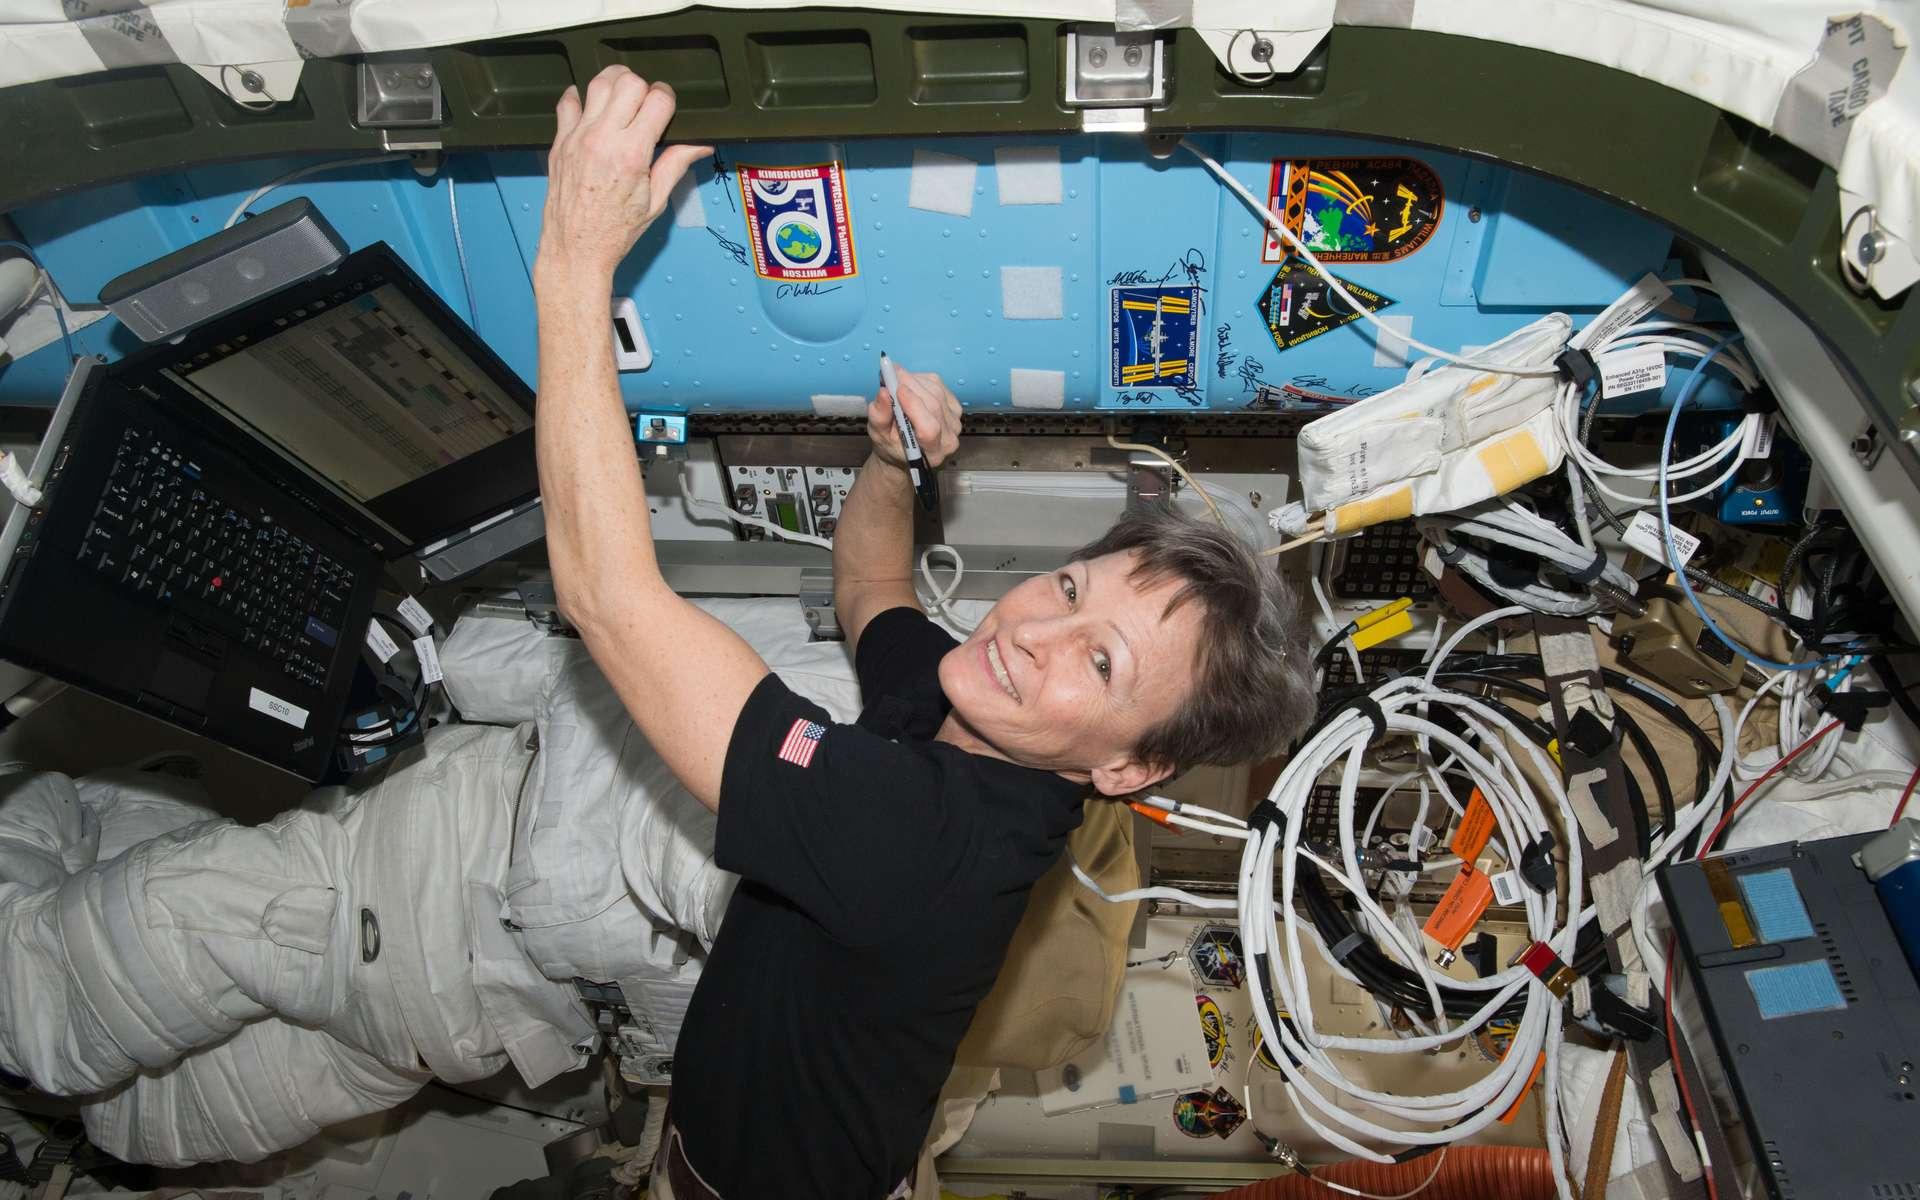 Peggy Whitson, qui a battu le record féminin du plus long séjour dans l'espace, est ici photographiée à bord de la Station spatiale, durant sa troisième mission commencée en novembre 2016. © Nasa